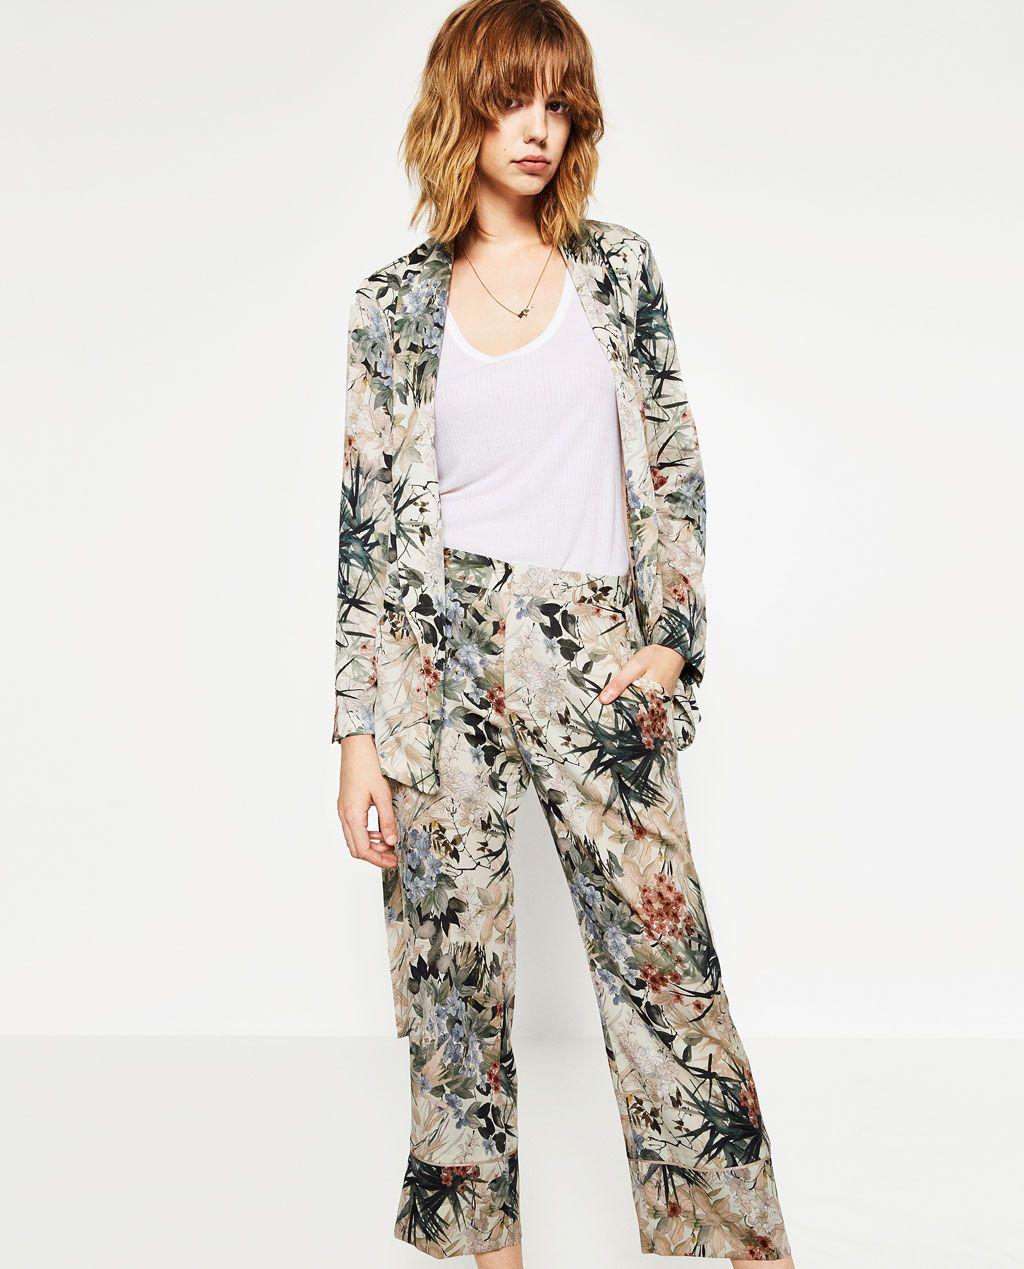 Zdjecie 4 Spodnie W Stylu Pizamowym Z Nadrukiem W Kwiaty Z Zara Printed Trousers Style Floral Prints